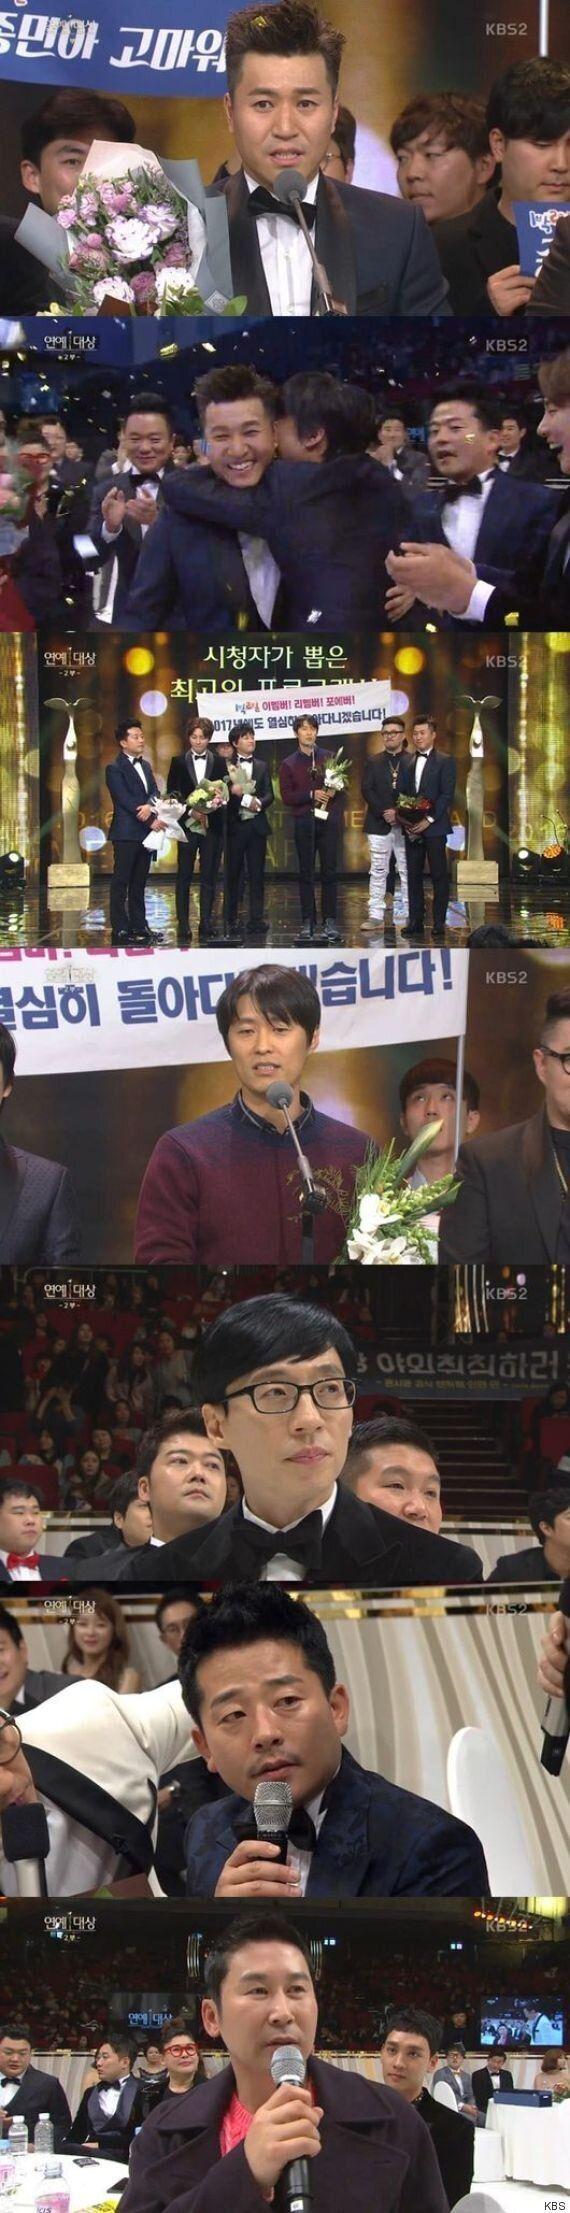 '1박' 경사났다..김종민 대상에 '최고 프로그램상'까지 [2016 KBS 연예대상